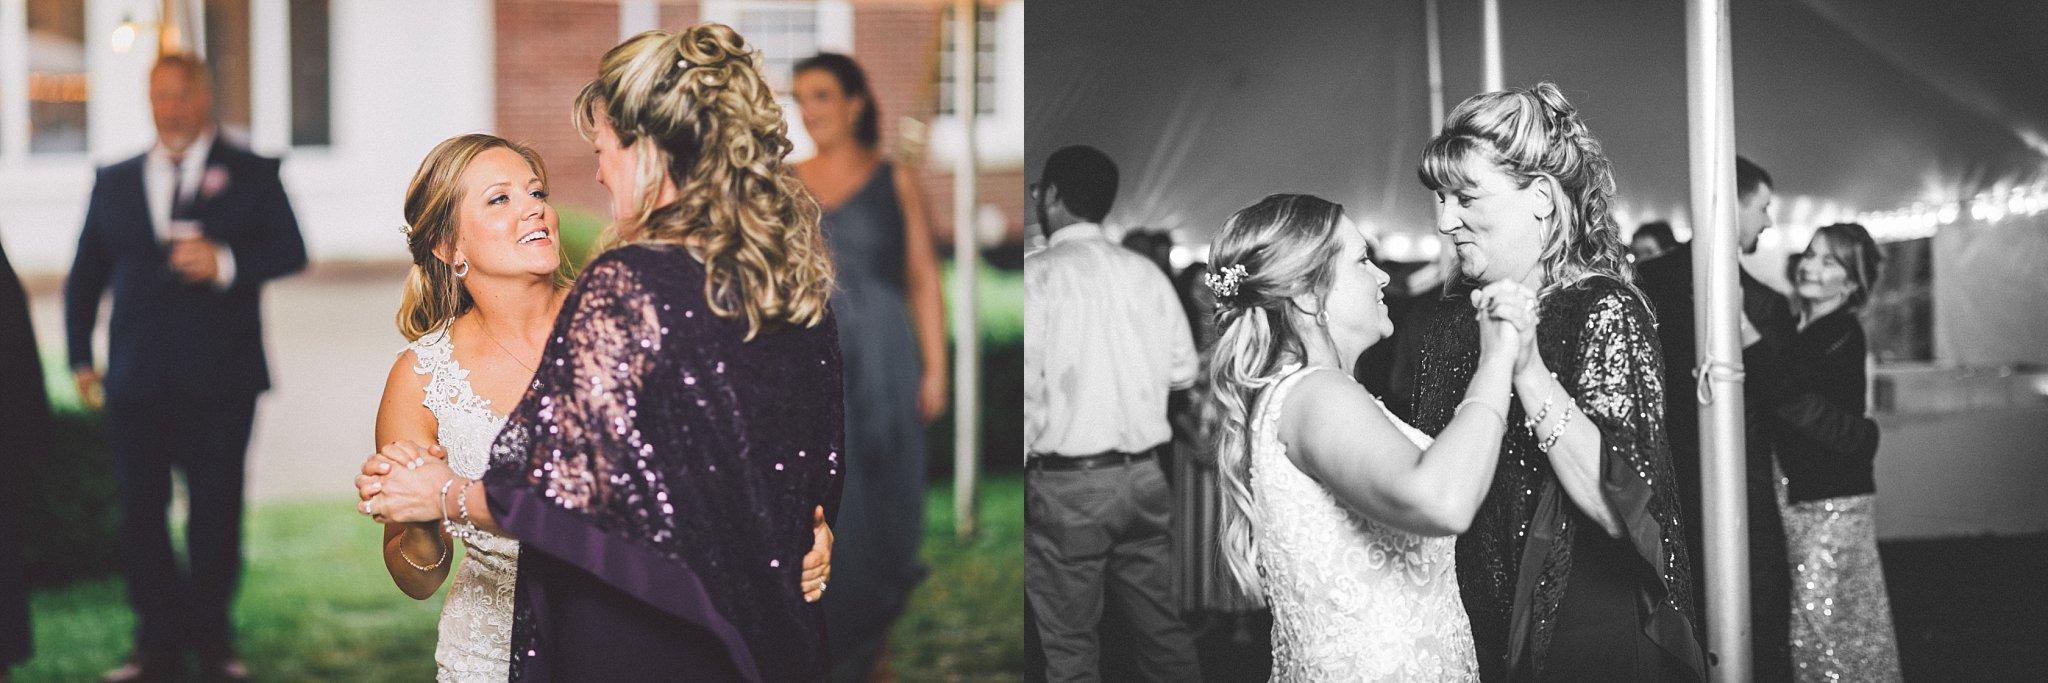 finger lakes wedding photography larkin and trevor_0005.jpg